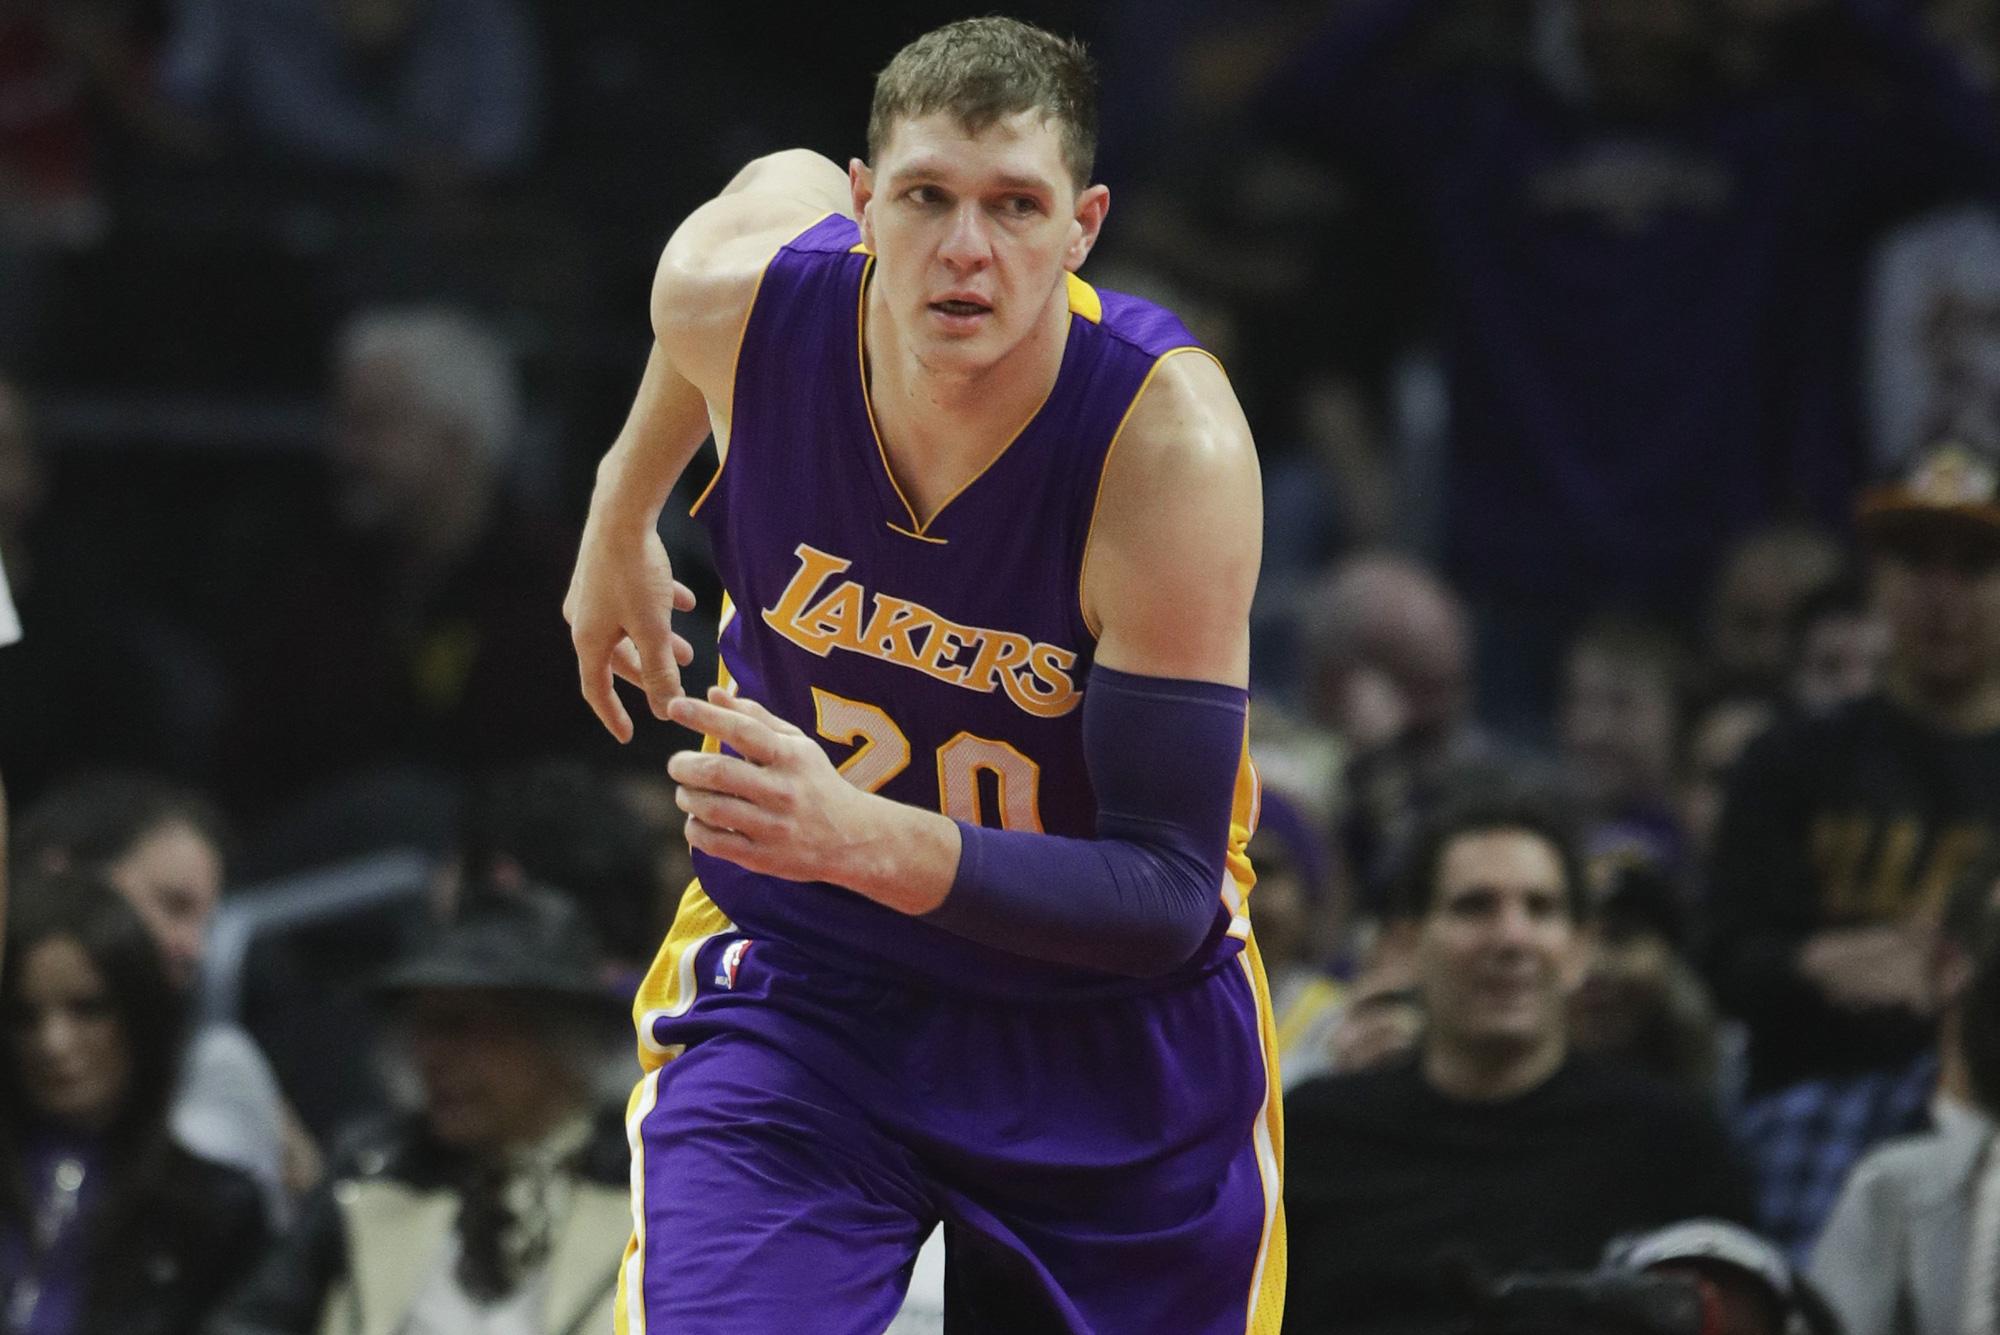 Top cầu thủ NBA đã nghỉ hưu nhưng vẫn nhận tiền tấn, chuyện thật như đùa - Ảnh 5.